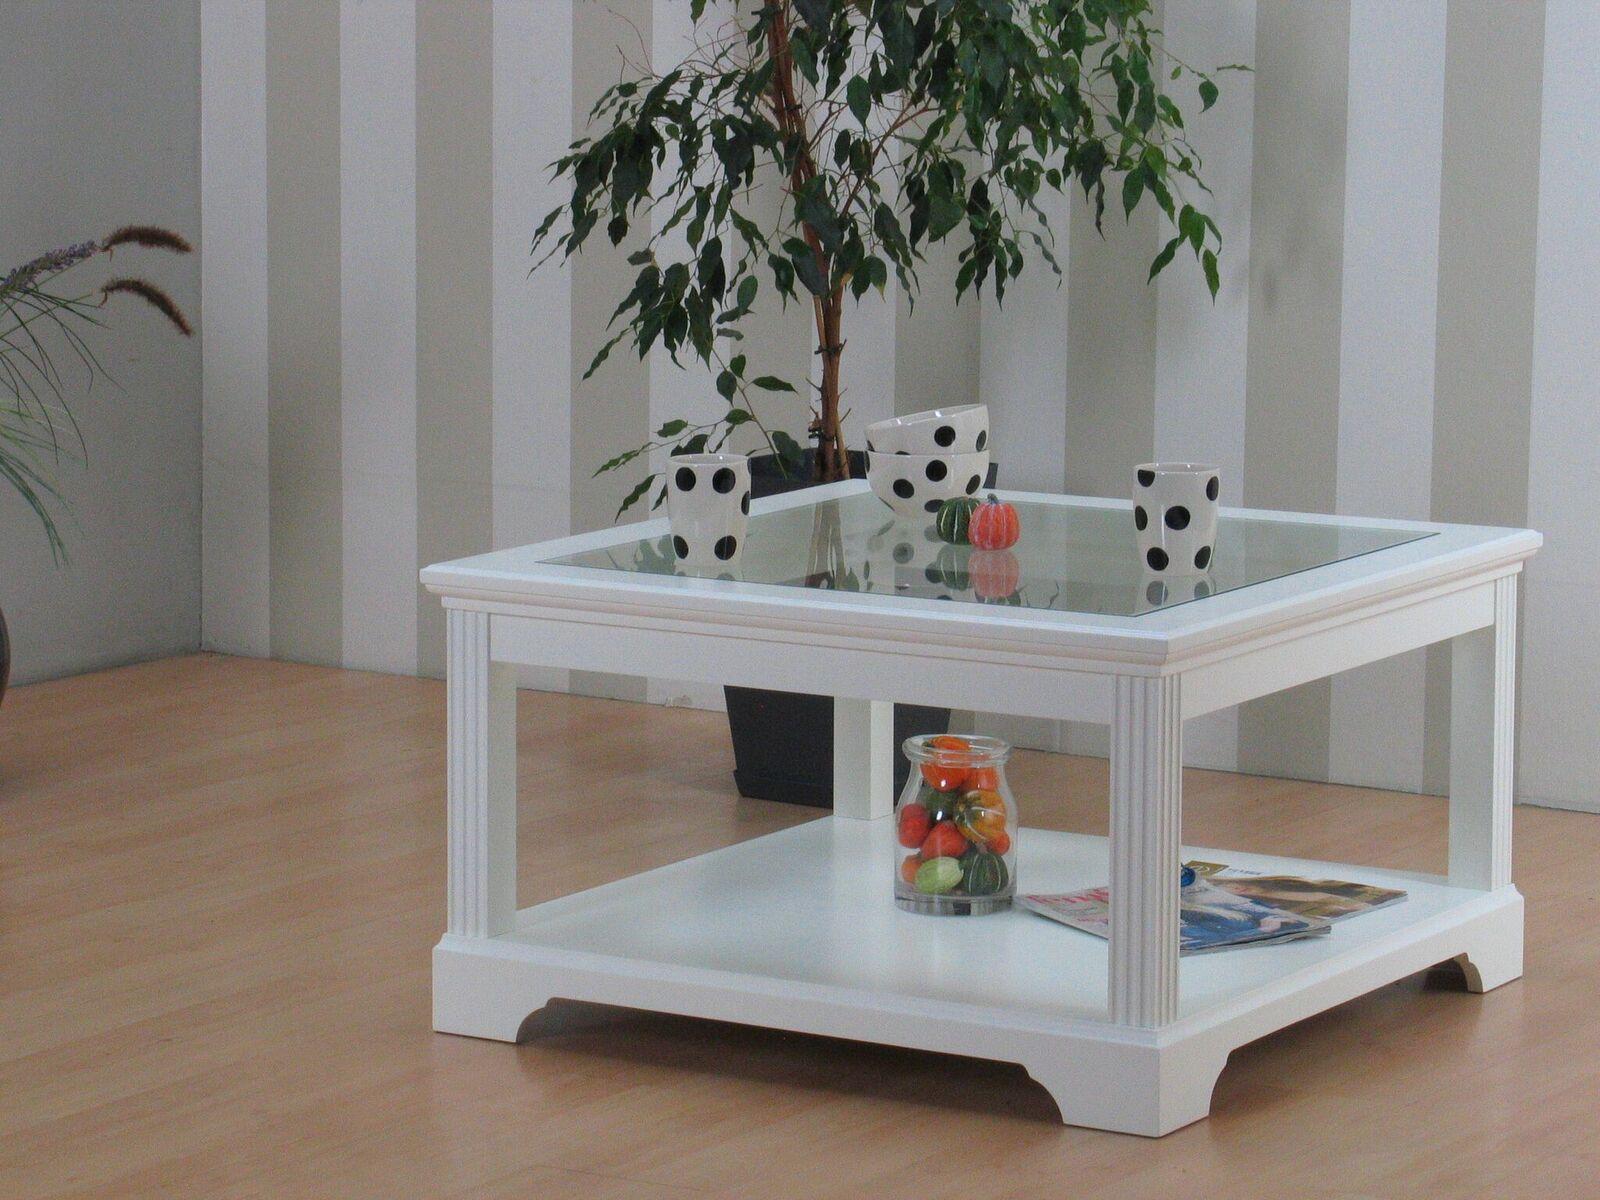 couchtisch charlot glas holz wohnzimmer tisch. Black Bedroom Furniture Sets. Home Design Ideas